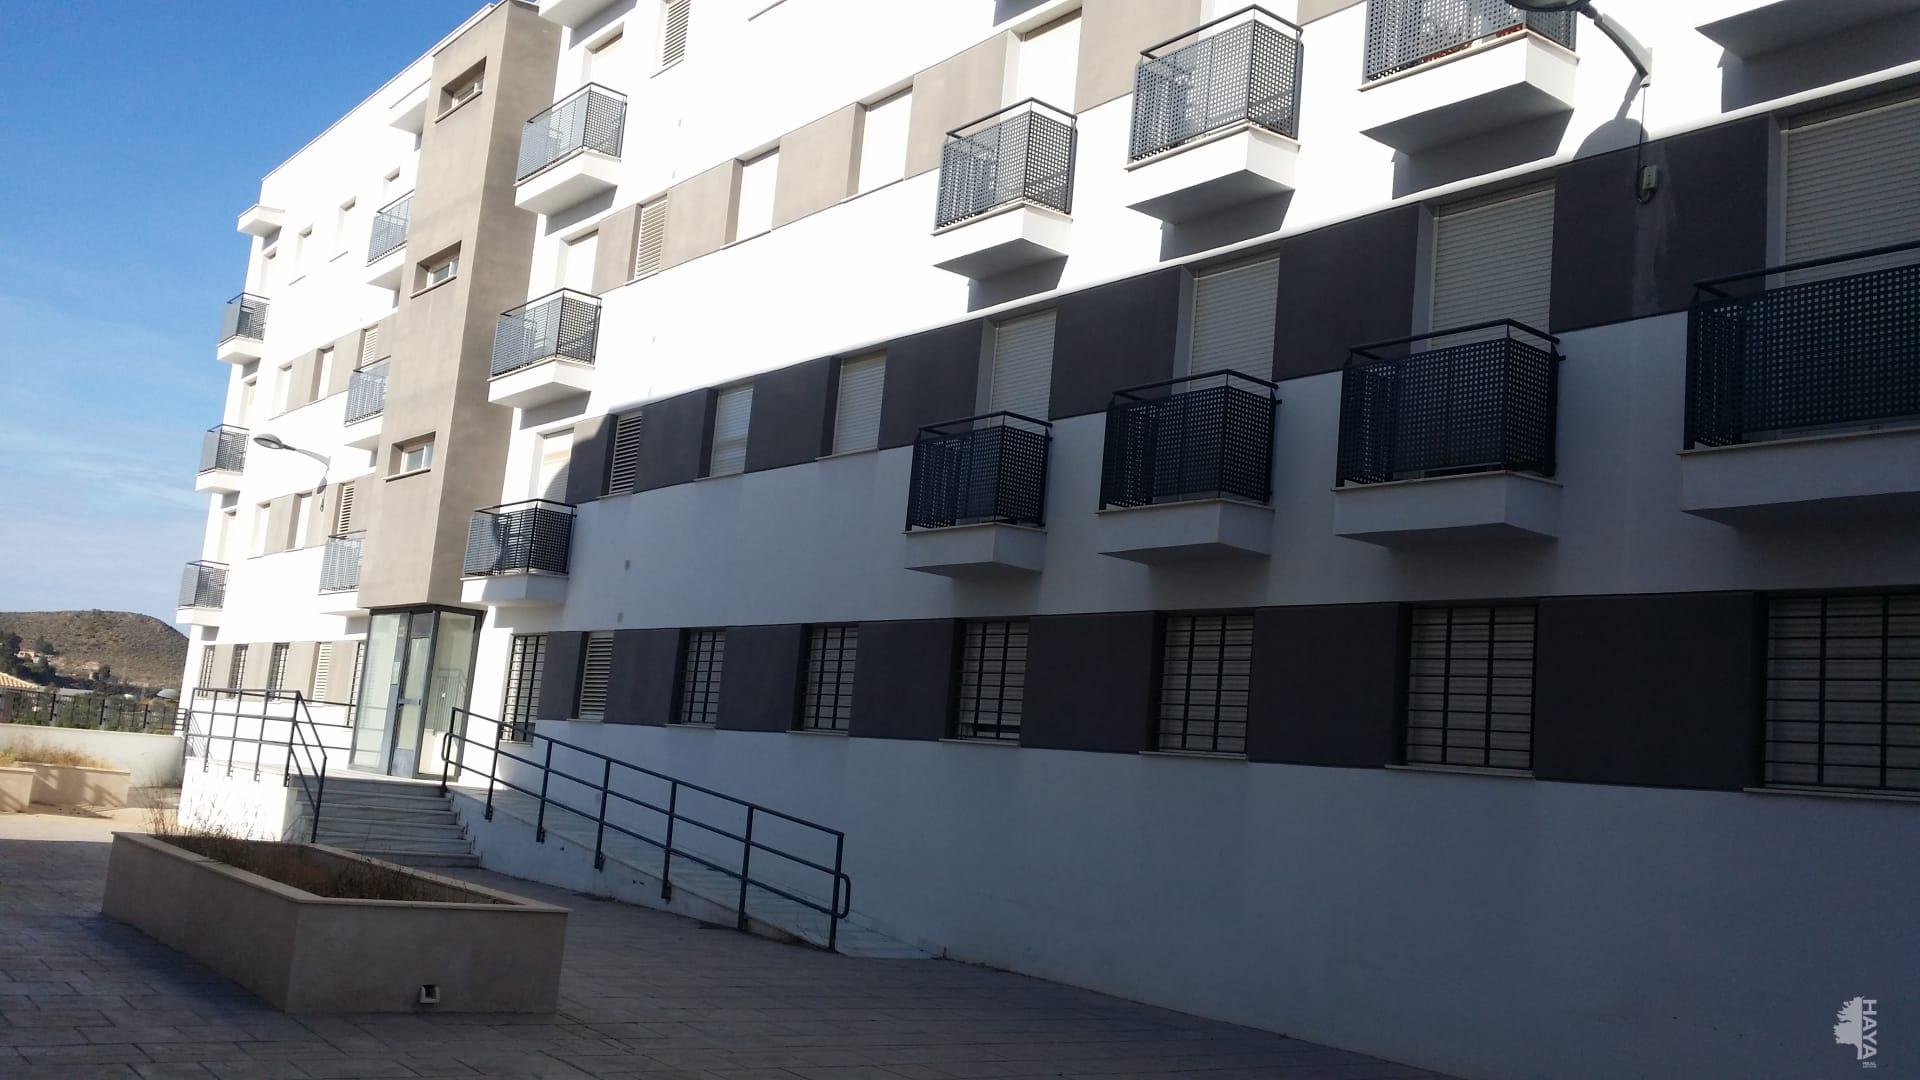 Piso en venta en Huitar Mayor, Olula del Río, Almería, Calle Alta, 62.100 €, 3 habitaciones, 1 baño, 103 m2